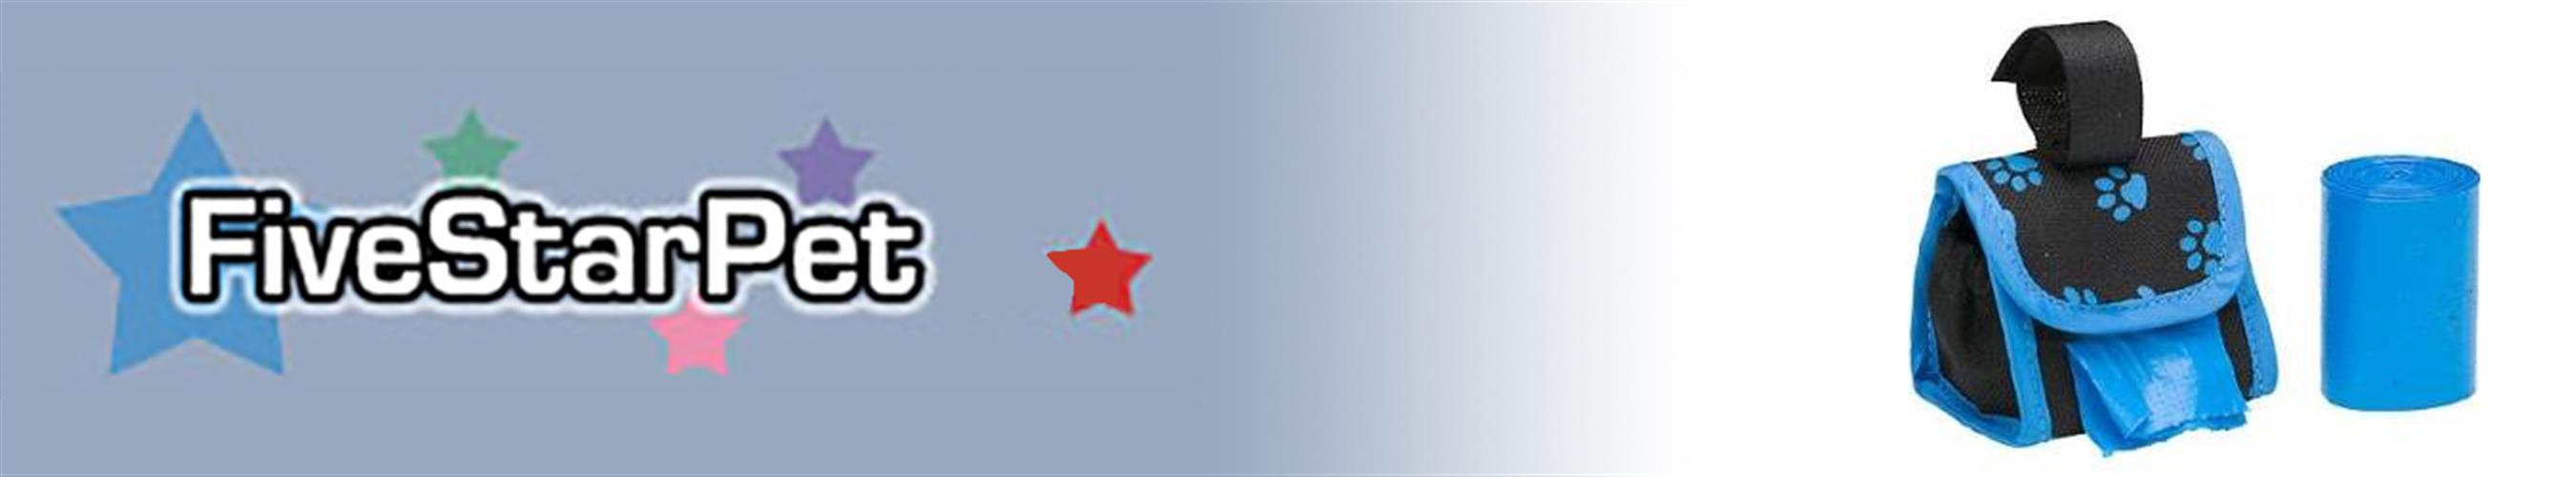 FiveStarPet